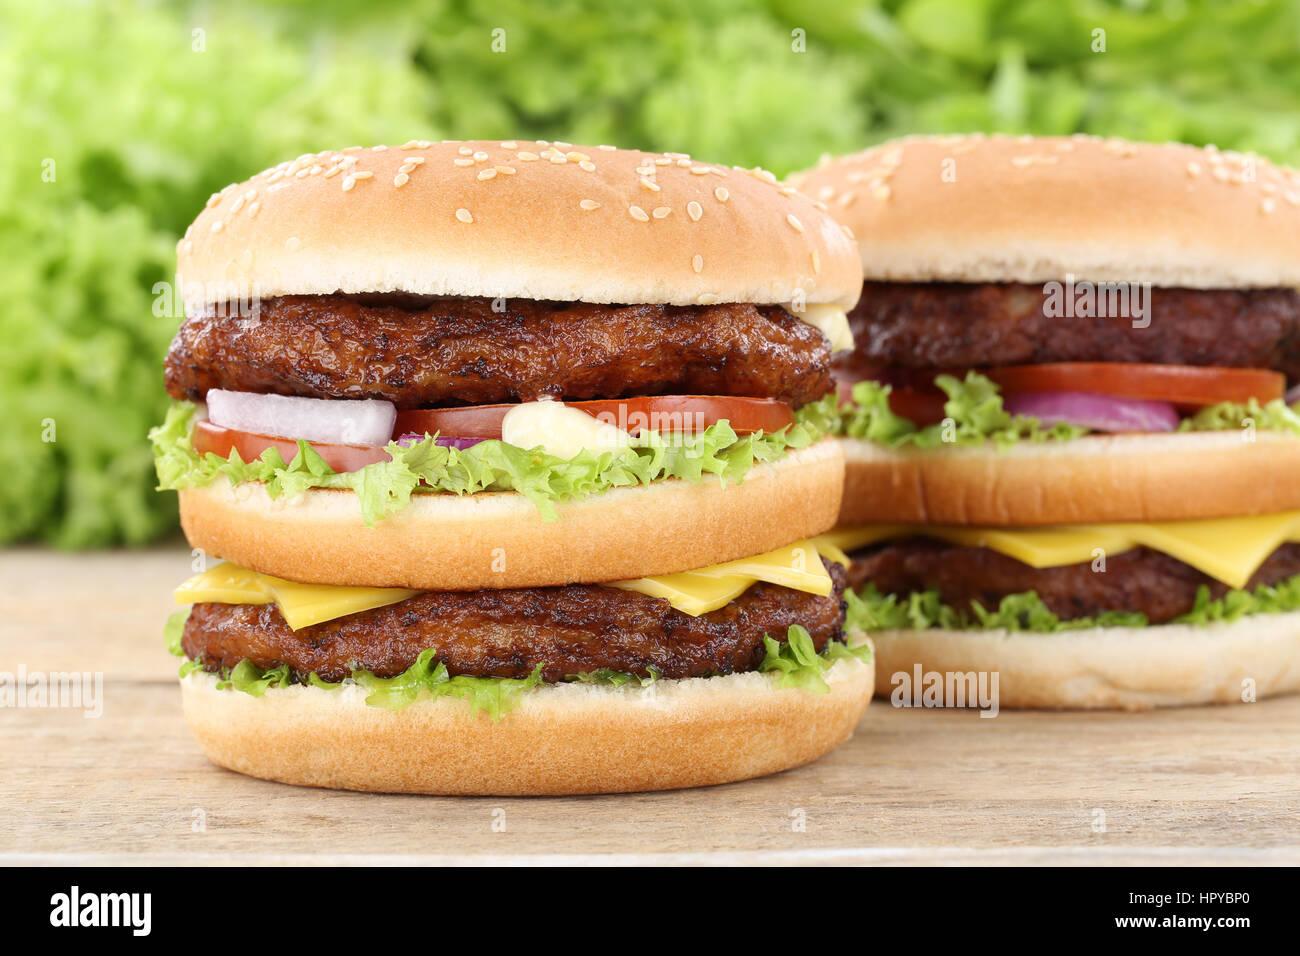 Doppel burger Hamburger frische Tomaten Käse das ungesunde Essen Stockbild